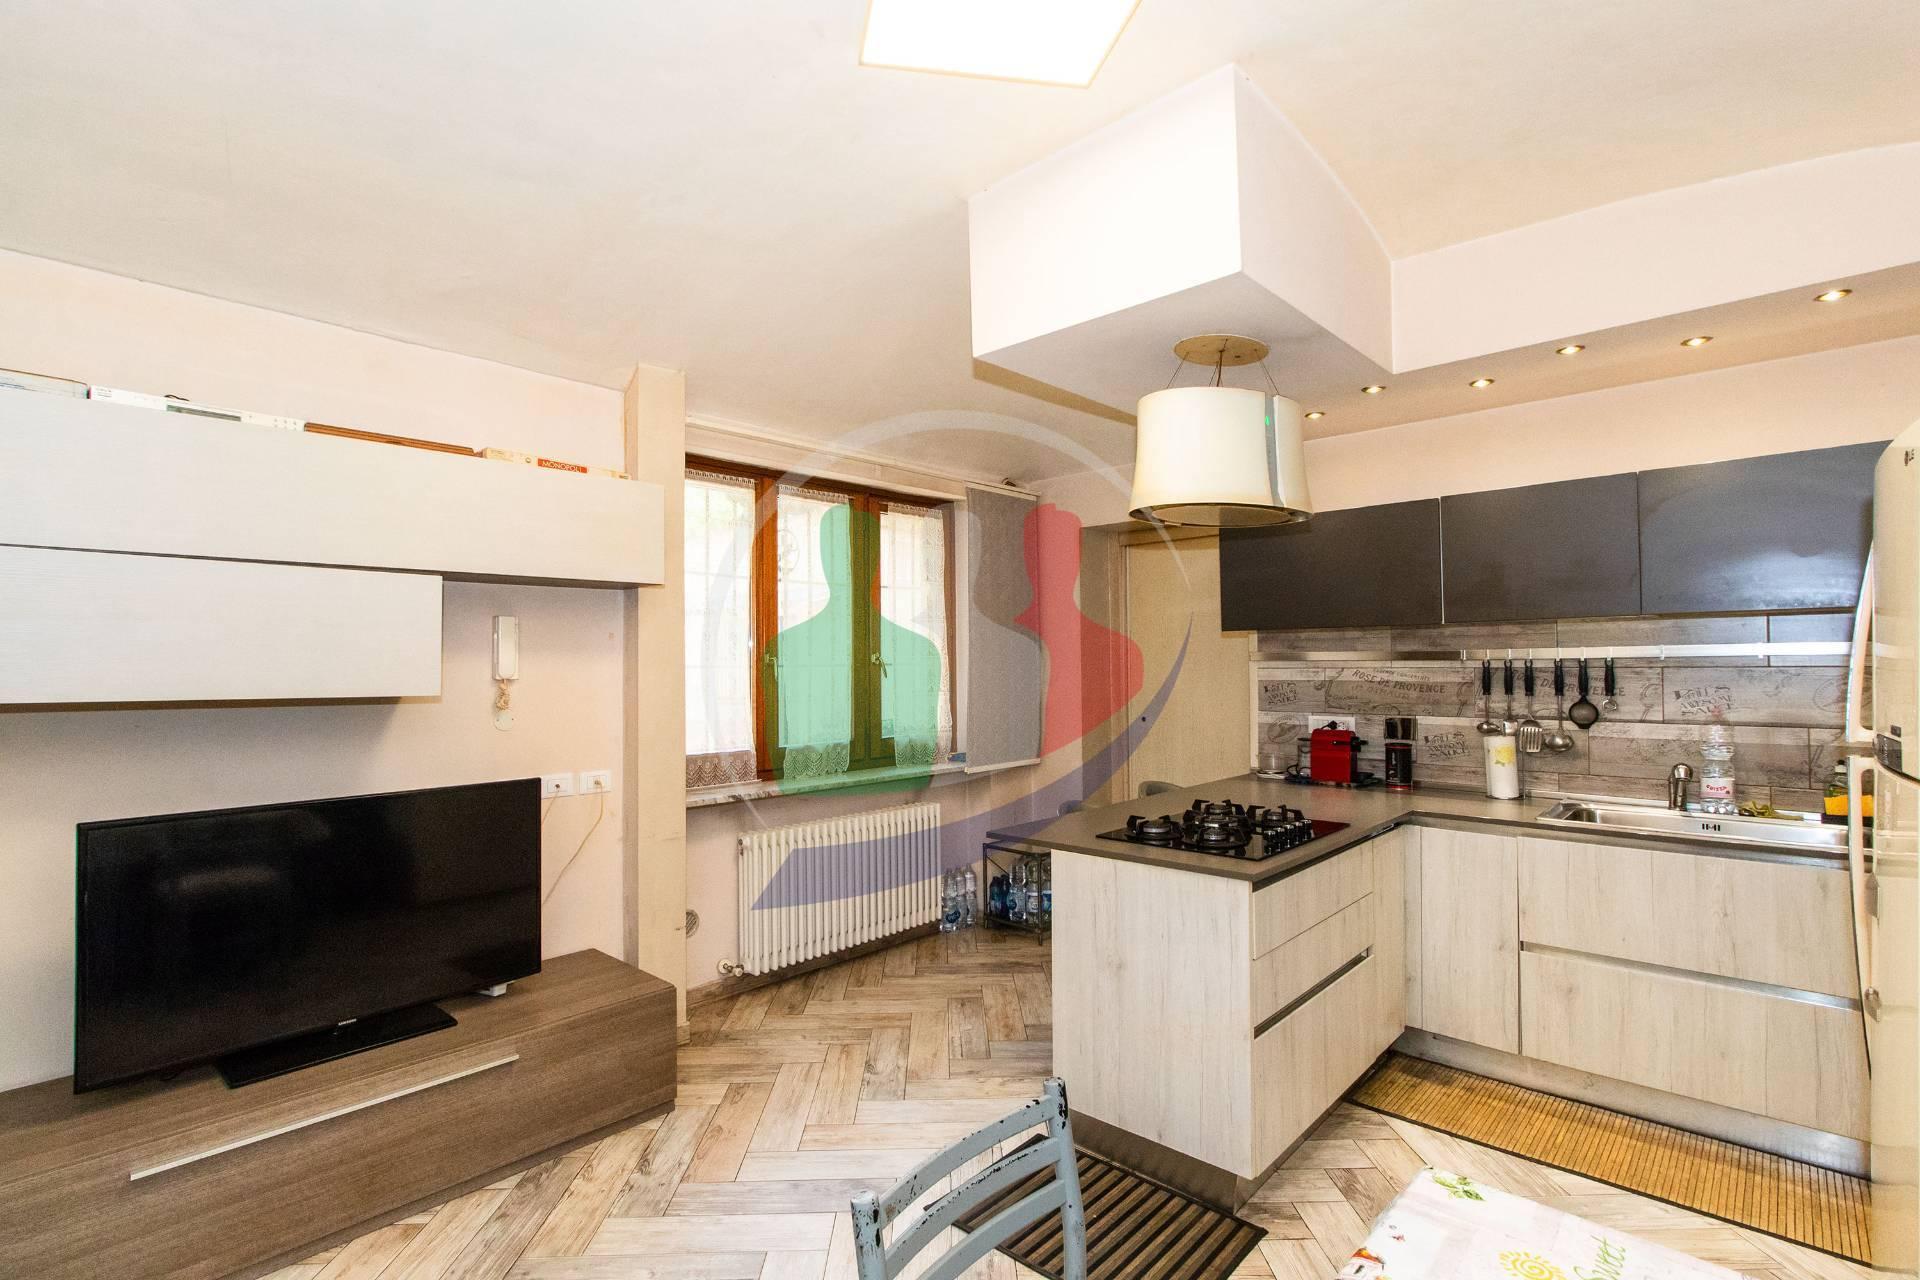 Appartamento in vendita a Torino, 4 locali, zona Località: Lucento, prezzo € 159.000 | PortaleAgenzieImmobiliari.it